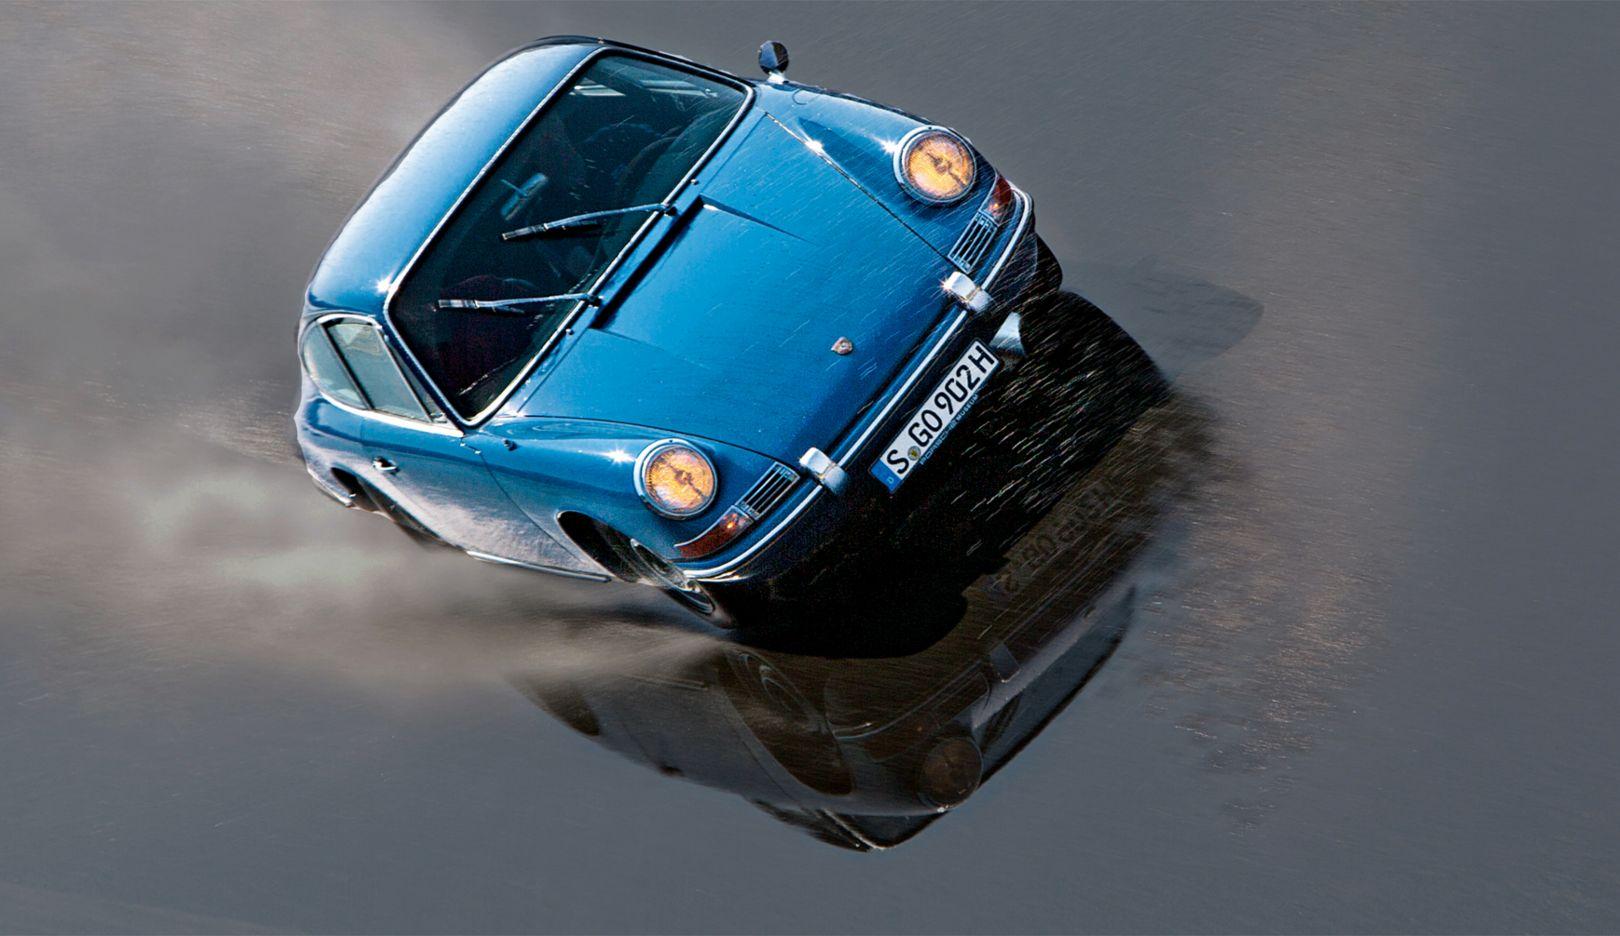 911, Reifentest, Piemont, Italien, 2016, Porsche AG